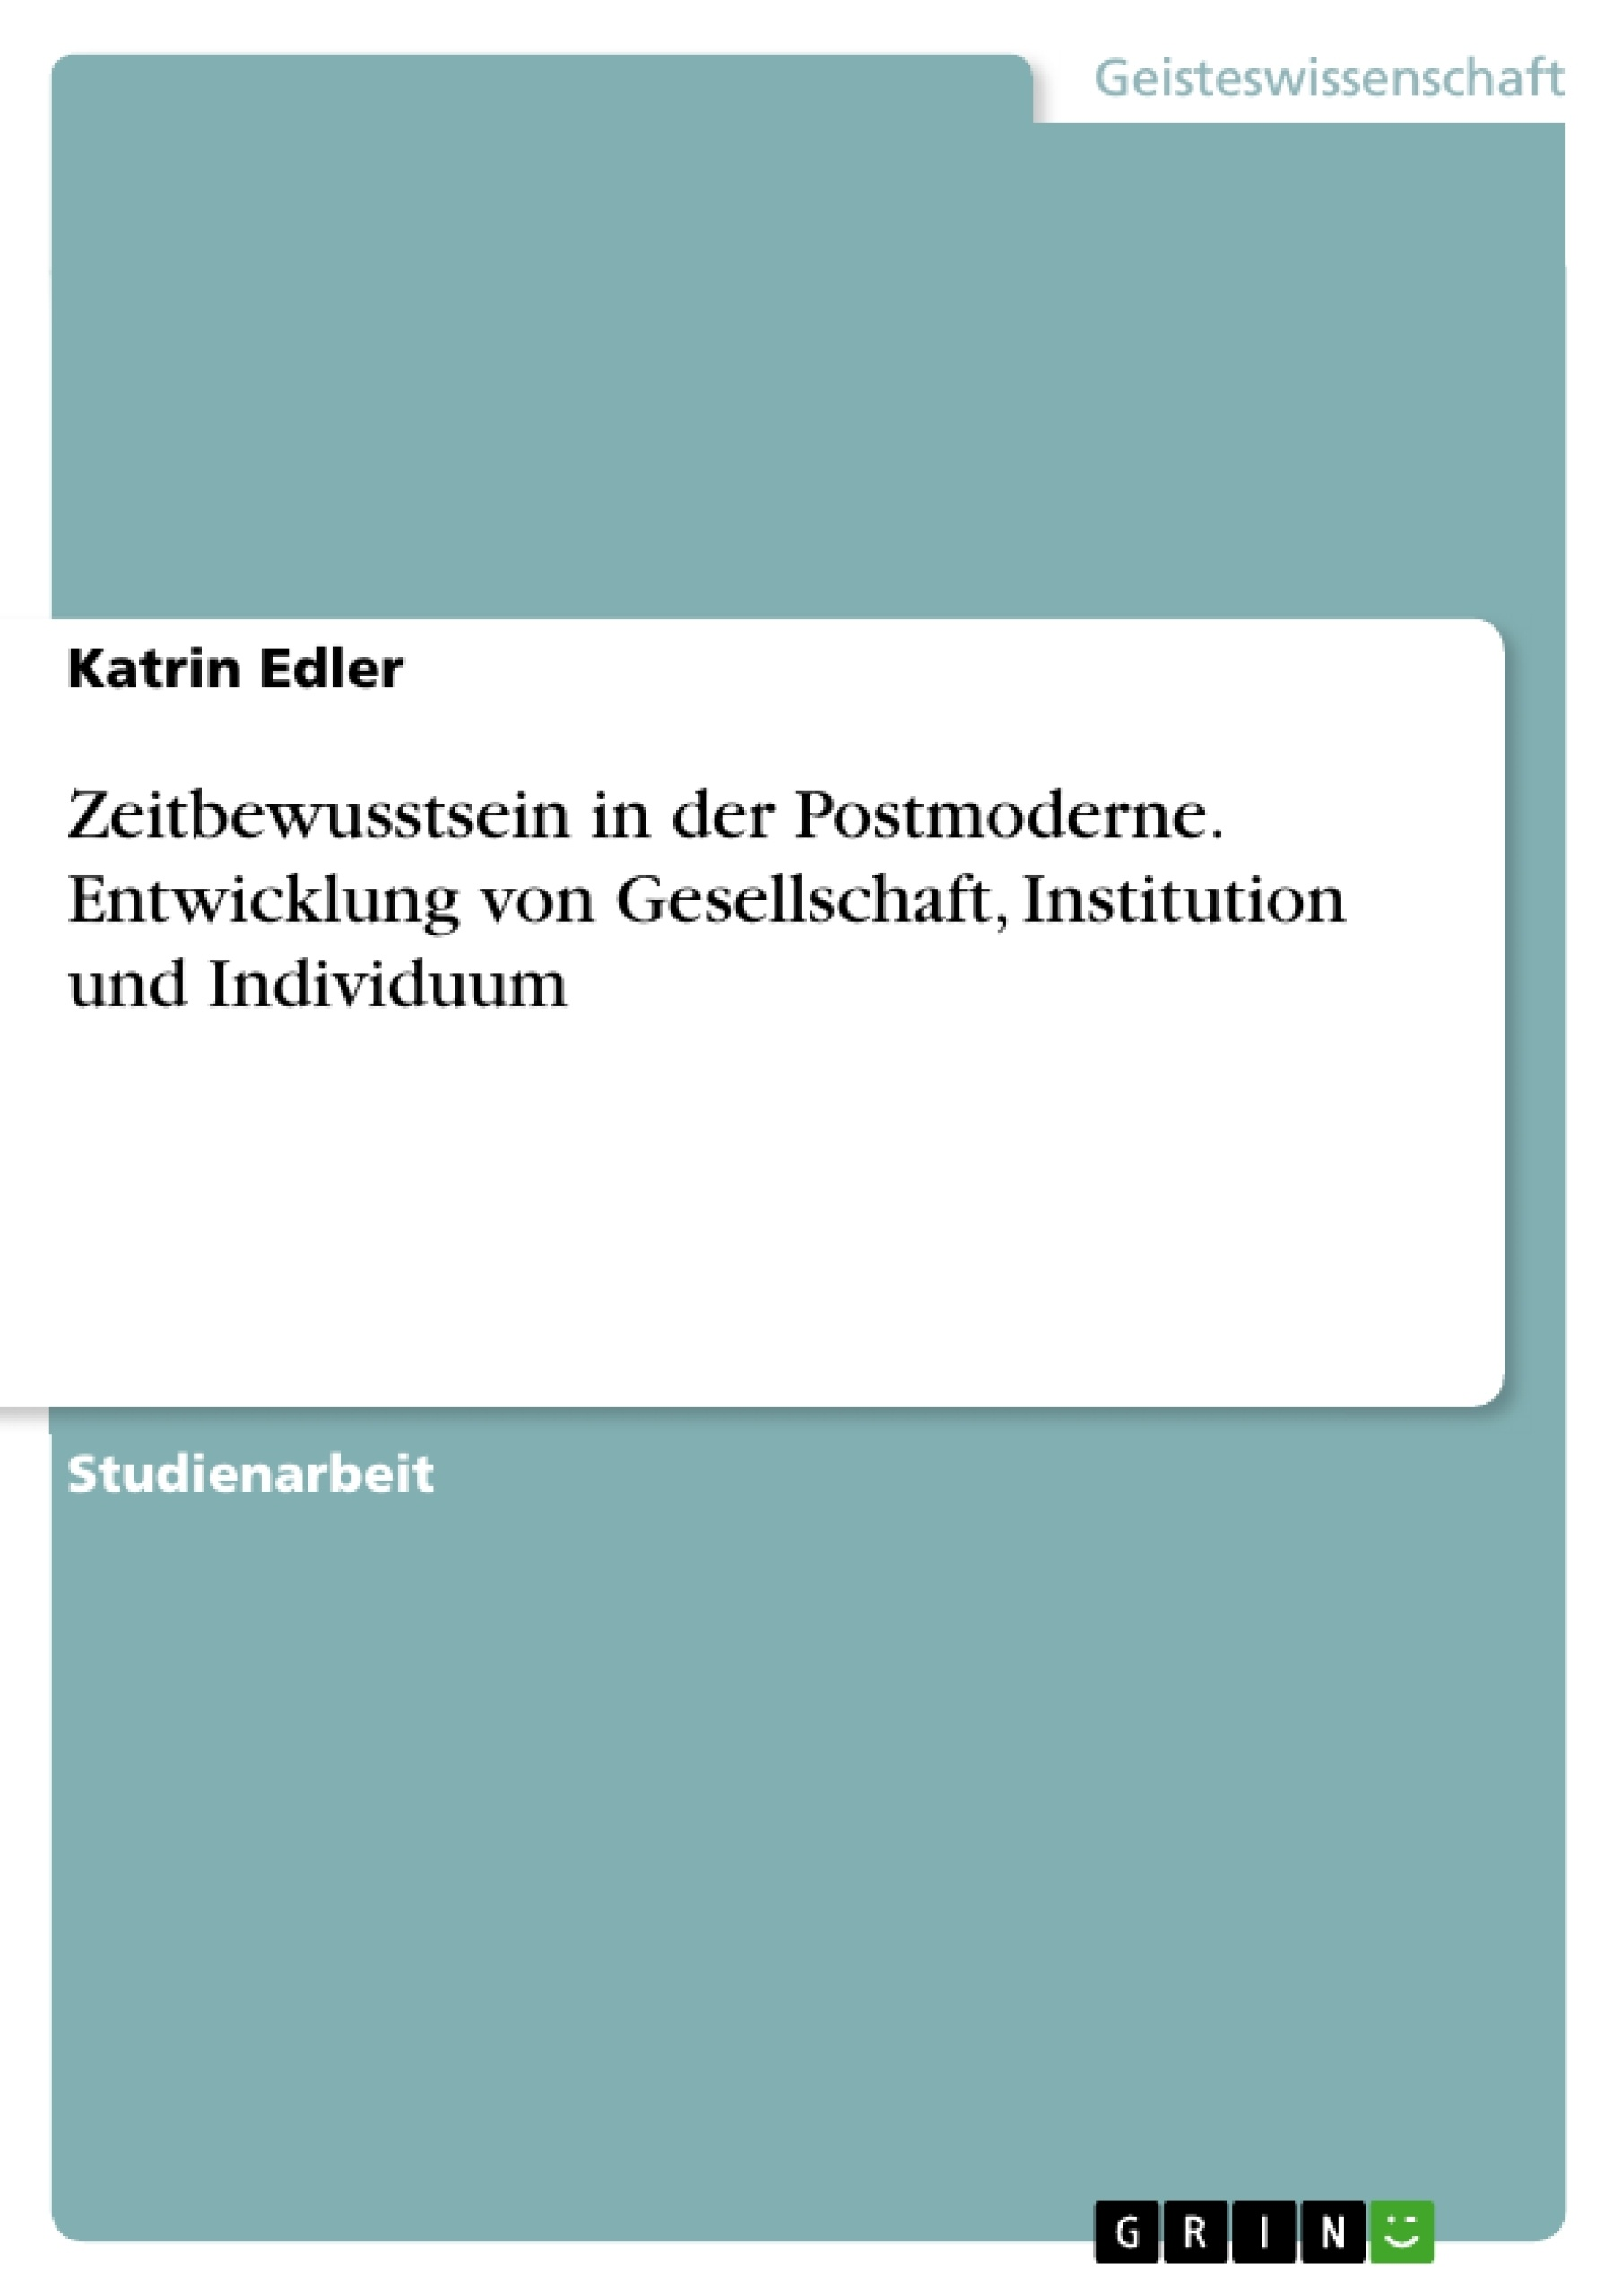 Titel: Zeitbewusstsein in der Postmoderne. Entwicklung von Gesellschaft, Institution und Individuum